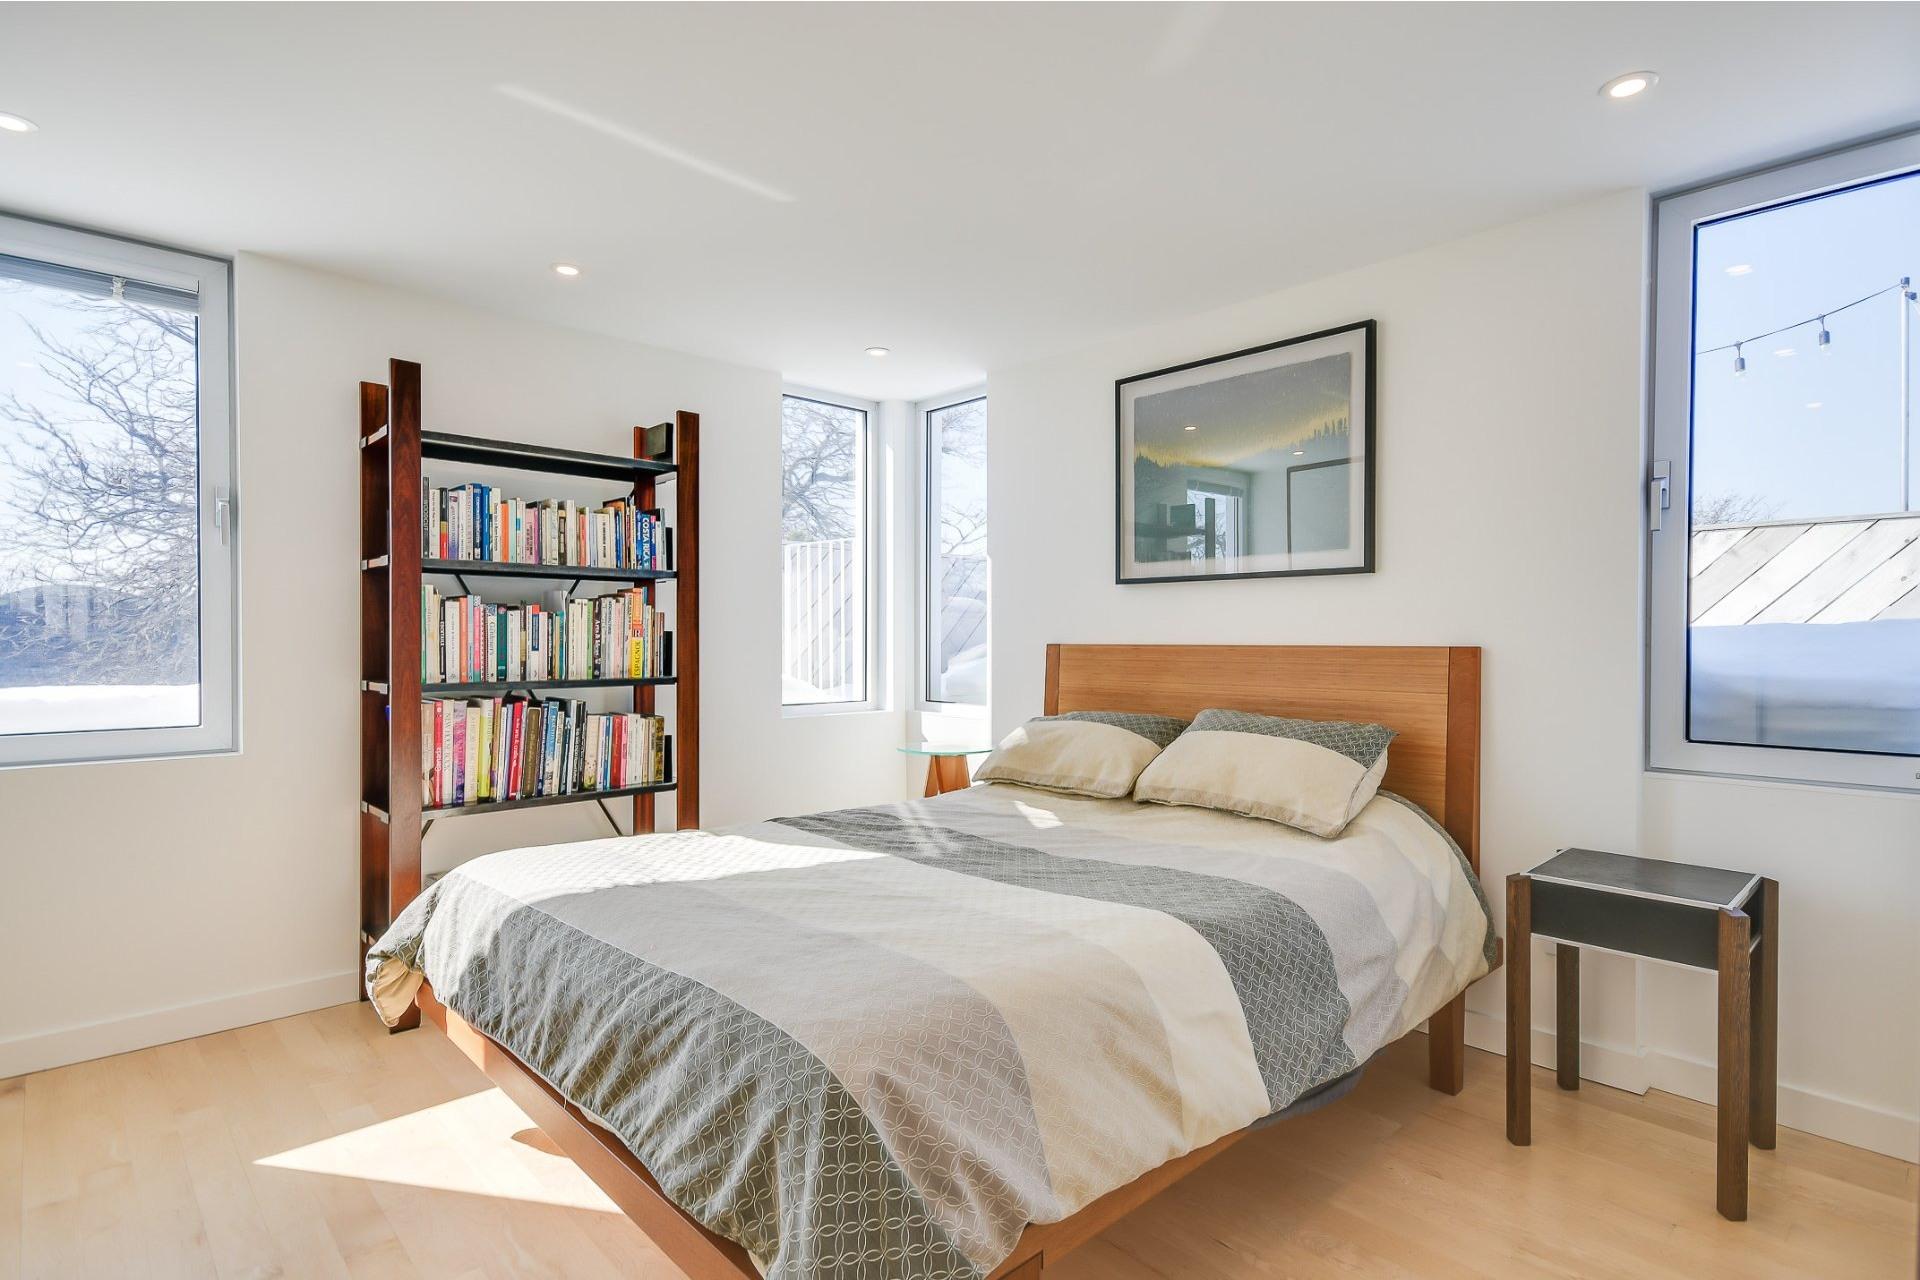 image 11 - Appartement À vendre Le Plateau-Mont-Royal Montréal  - 8 pièces